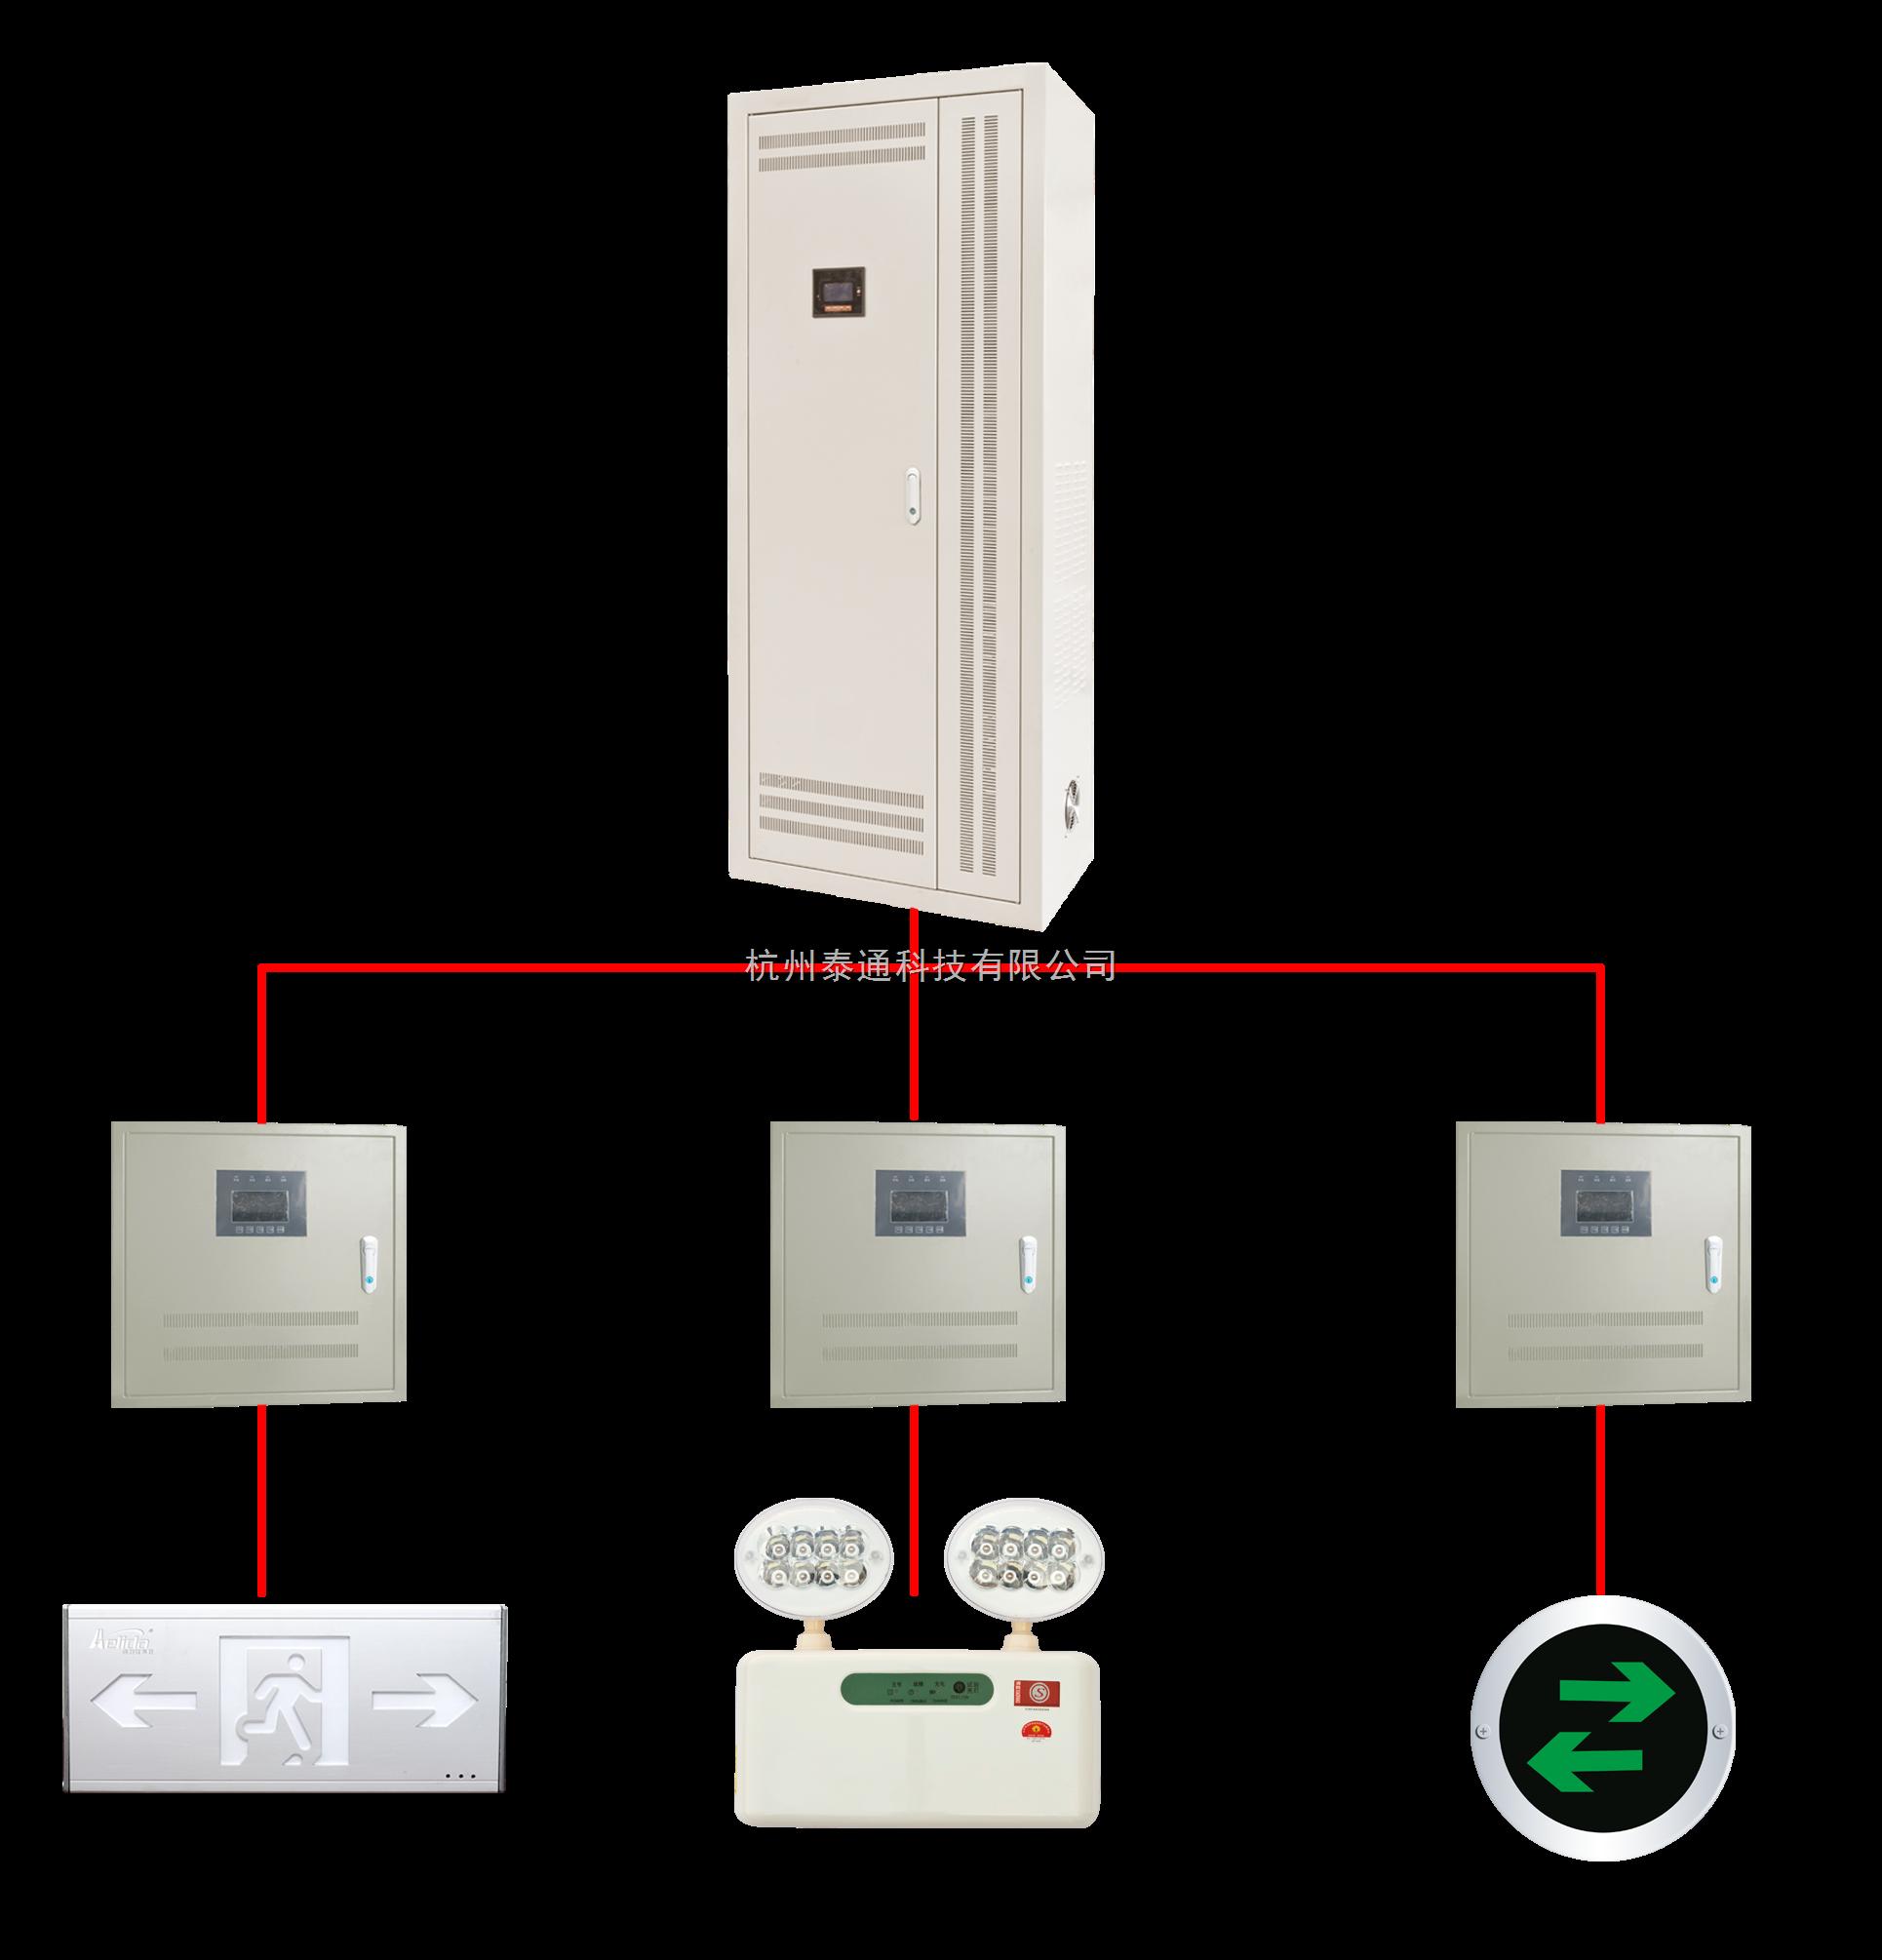 集中电源非集中控制型消防应急照明和疏散指示系统简介